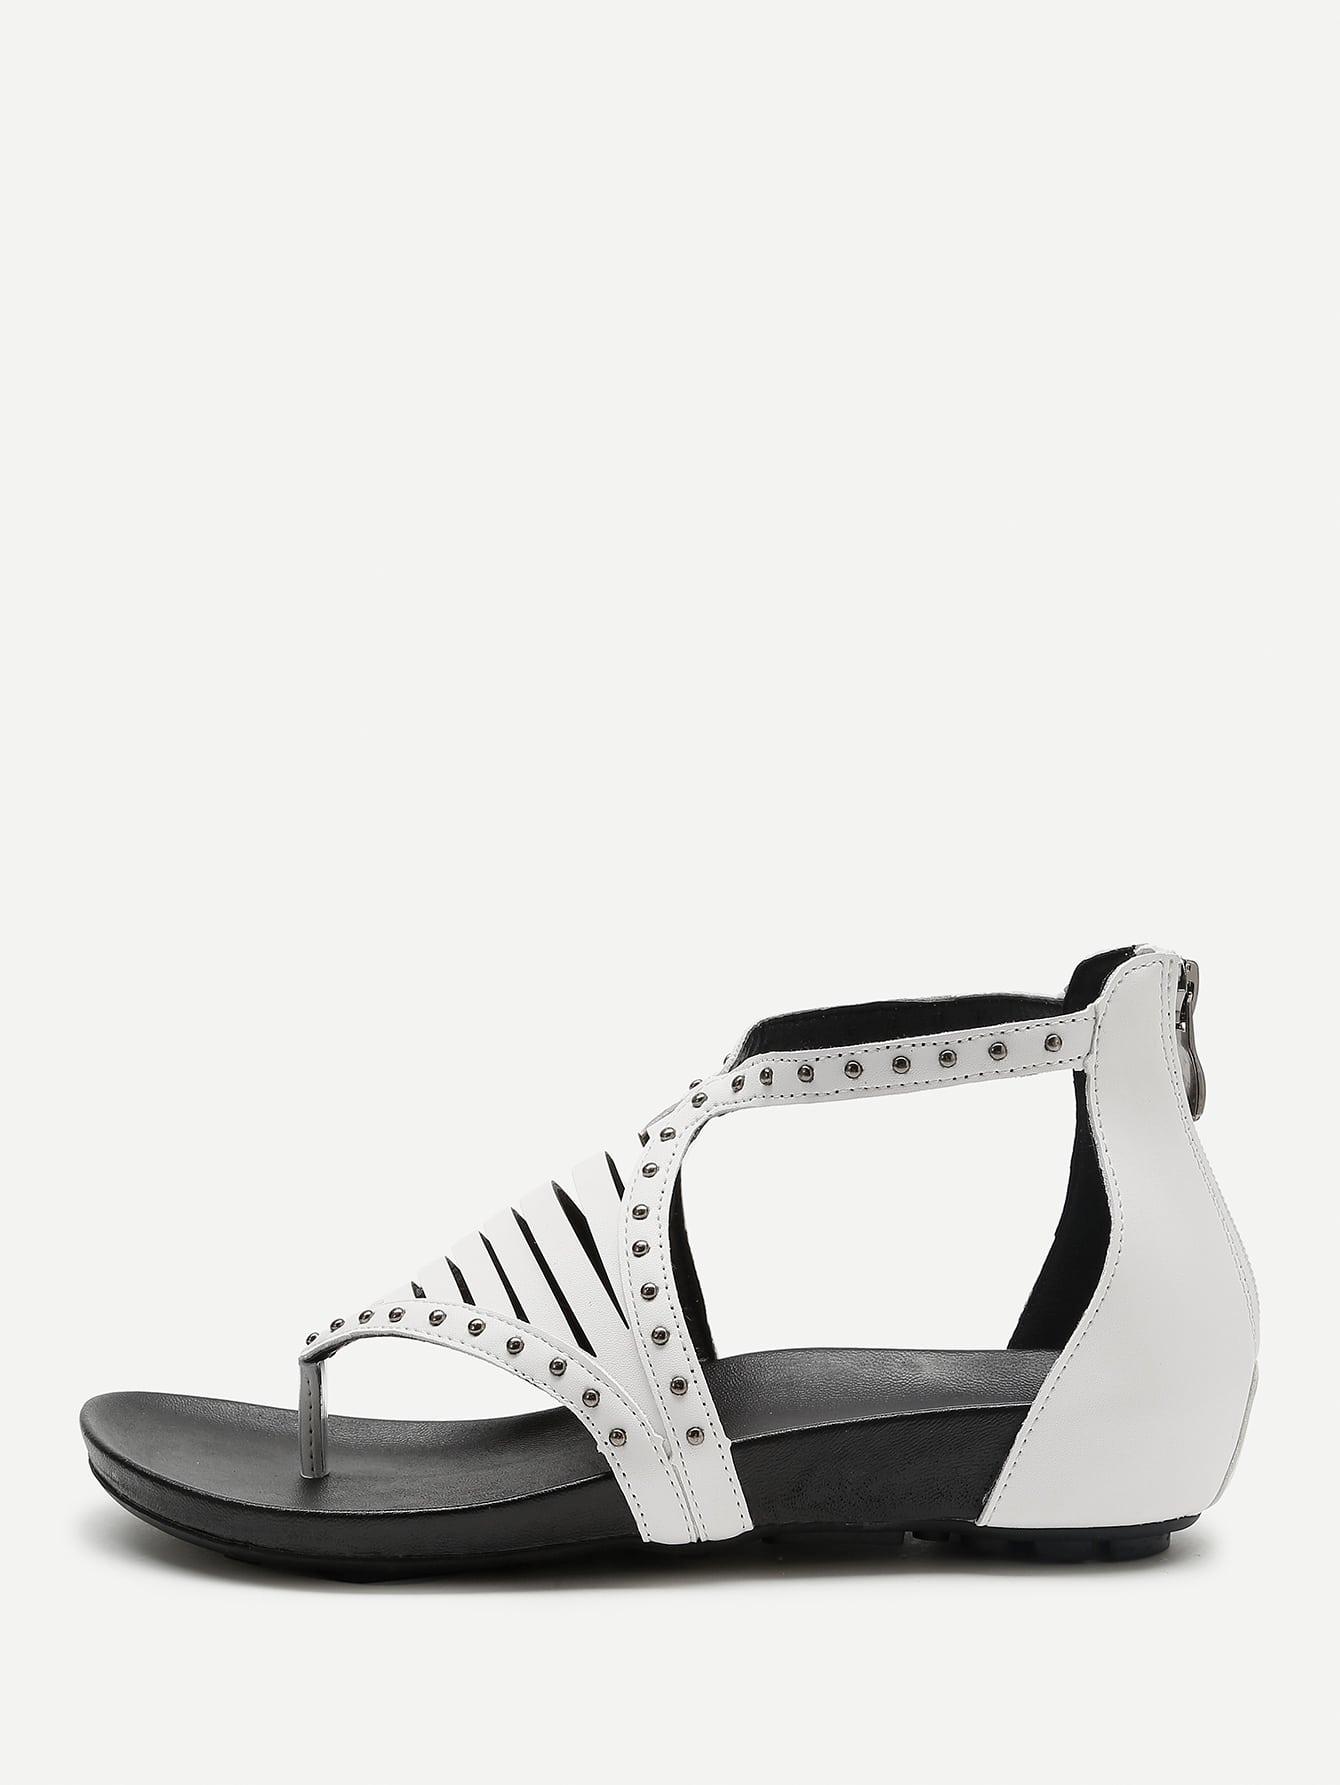 shoes170420803_2